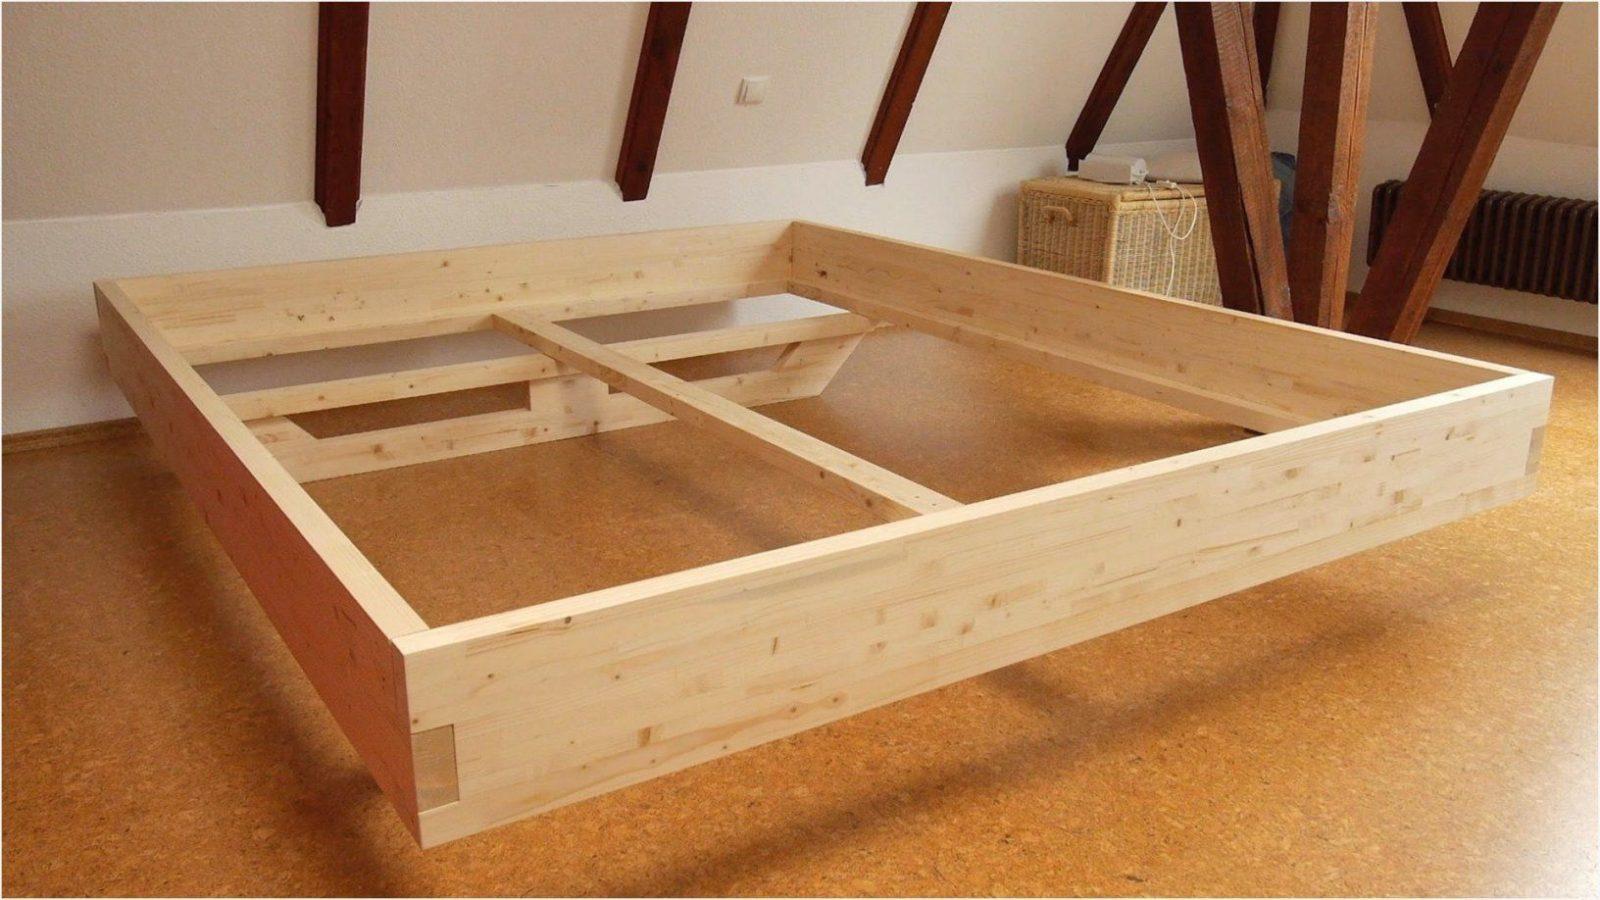 Wohnideen  Mobel Aus Bierkasten Bauen Auch Einzigartig Bett Selber von Bett Selber Bauen Bierkästen Bild